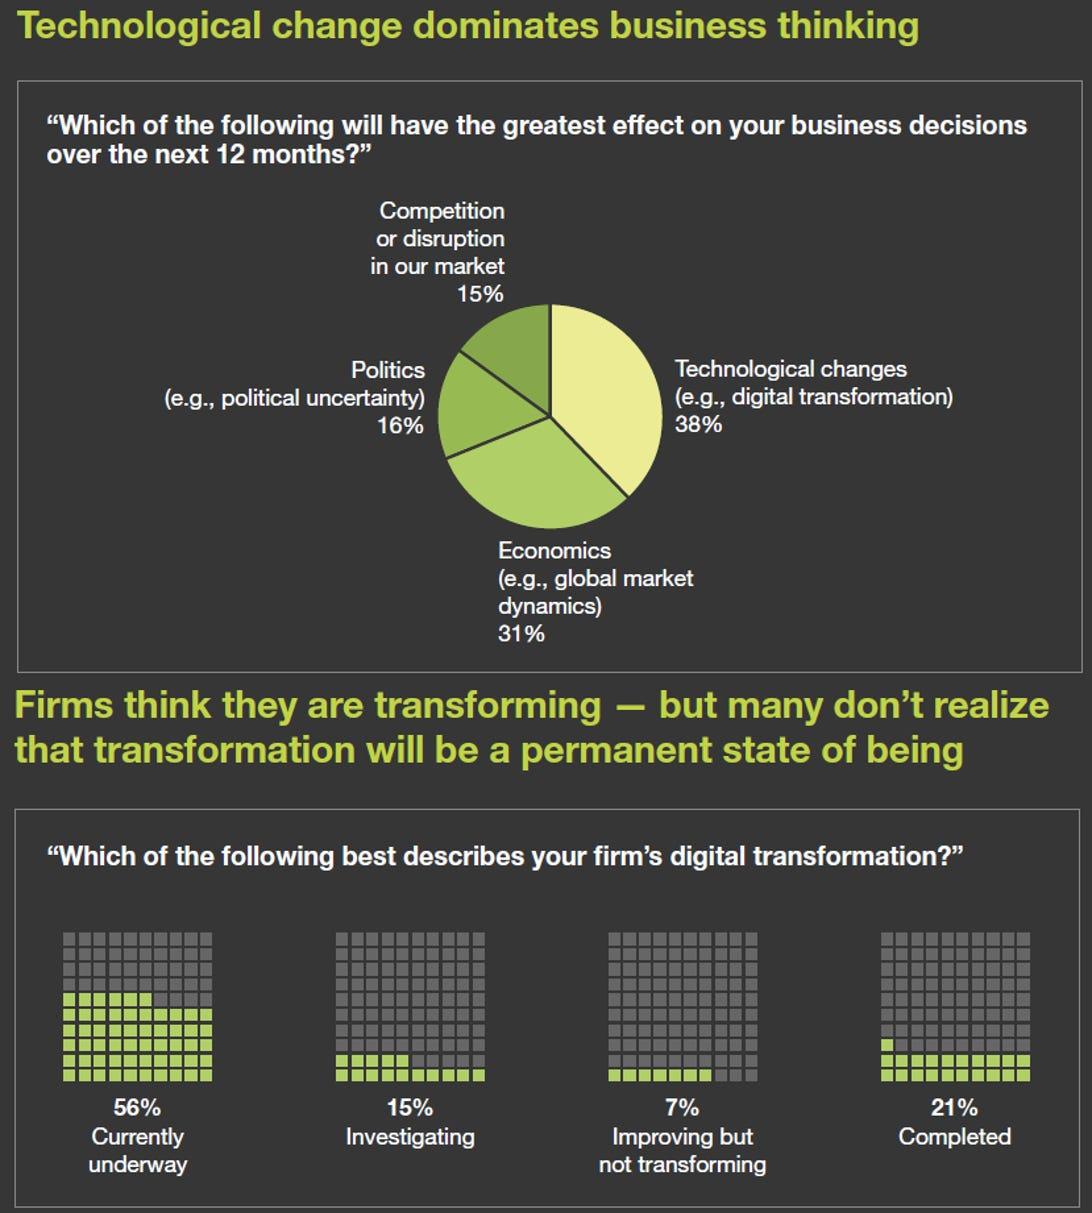 forrester-digital-transformation-survey.png